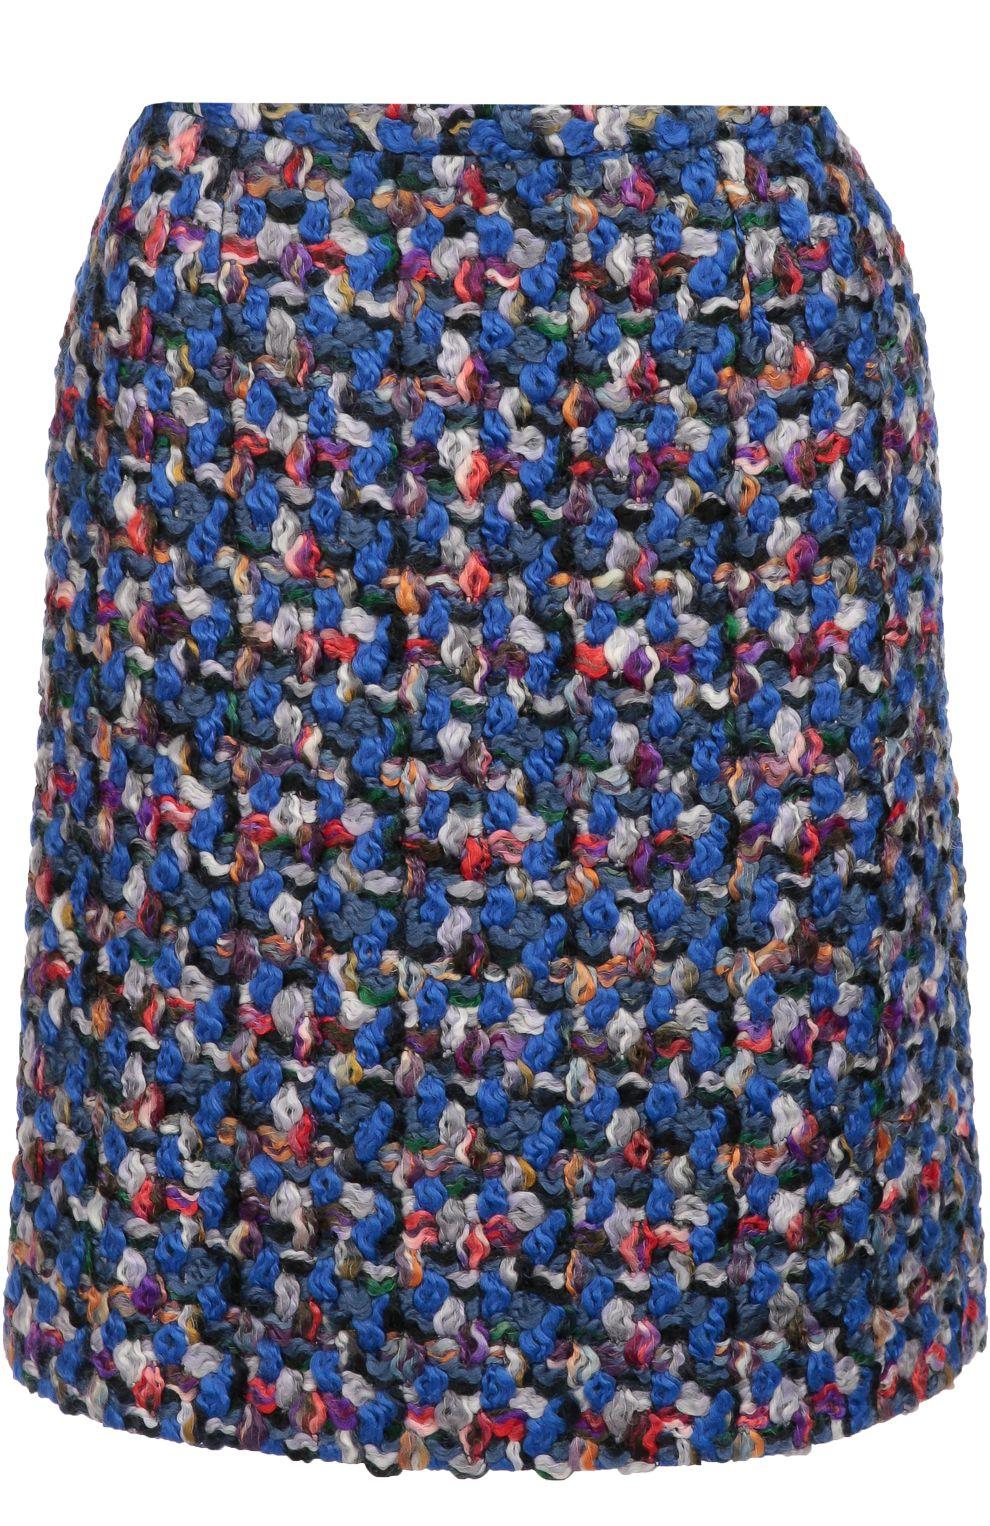 Женская синяя буклированная мини-юбка прямого кроя Emilio Pucci, сезон FW 16/17, арт. 66/RV92/66704 купить в ЦУМ | Фото №1